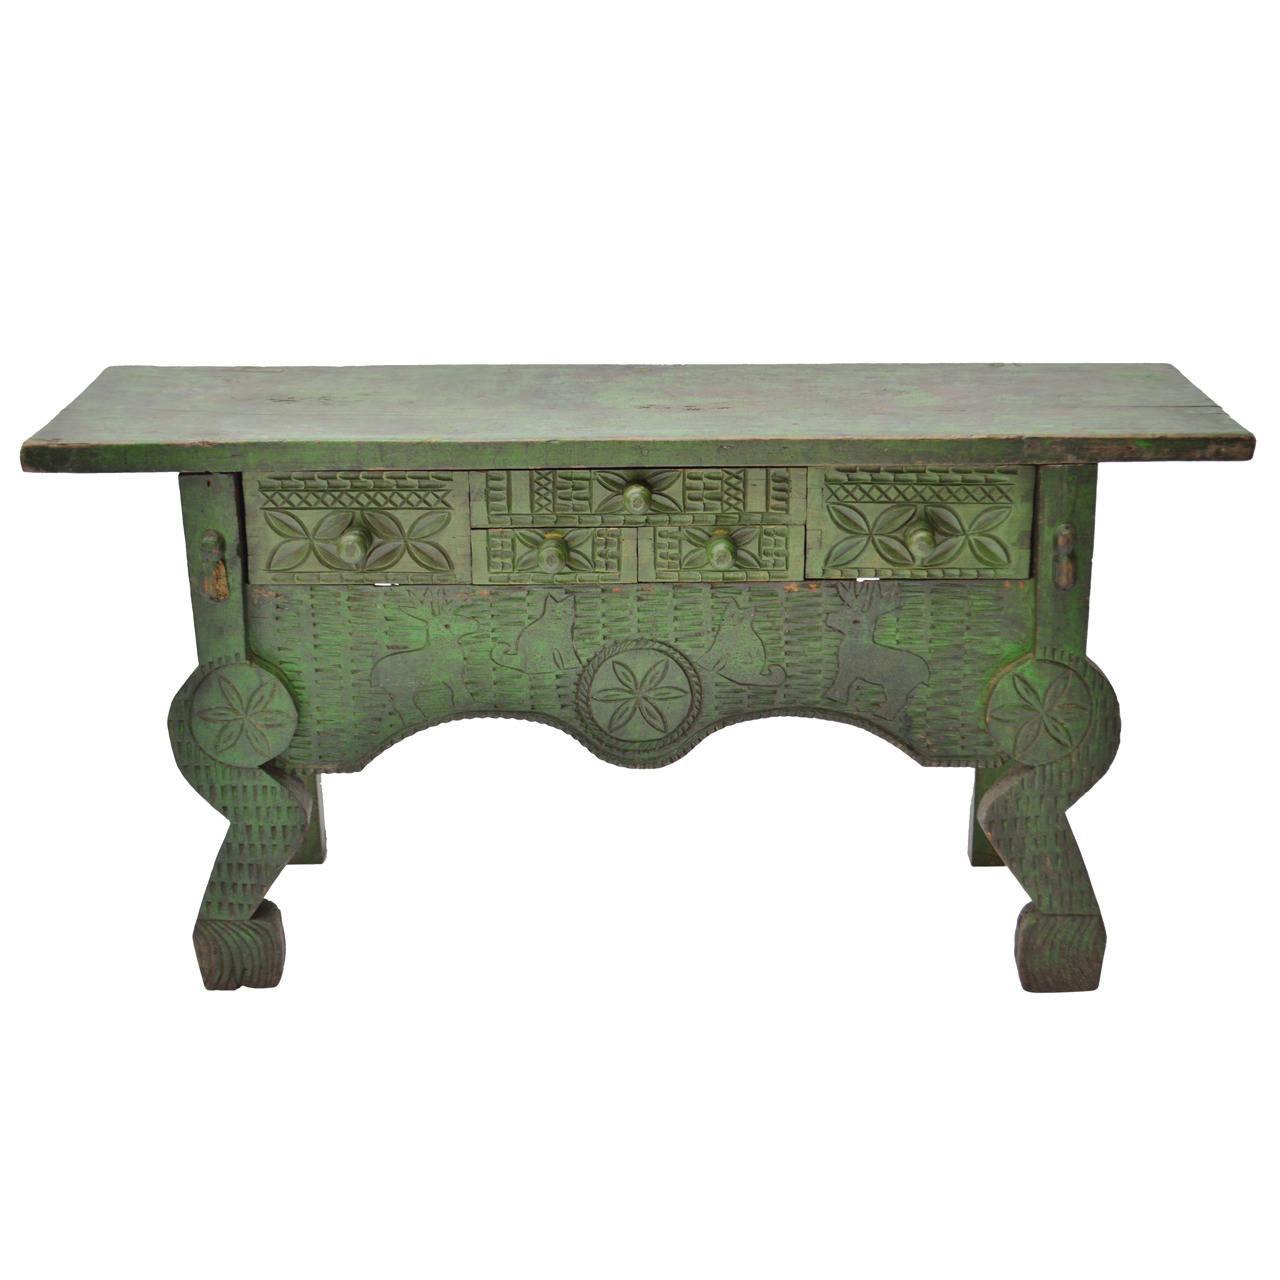 Nahuala table animal spirit table chairish for Table 6 handbook 44